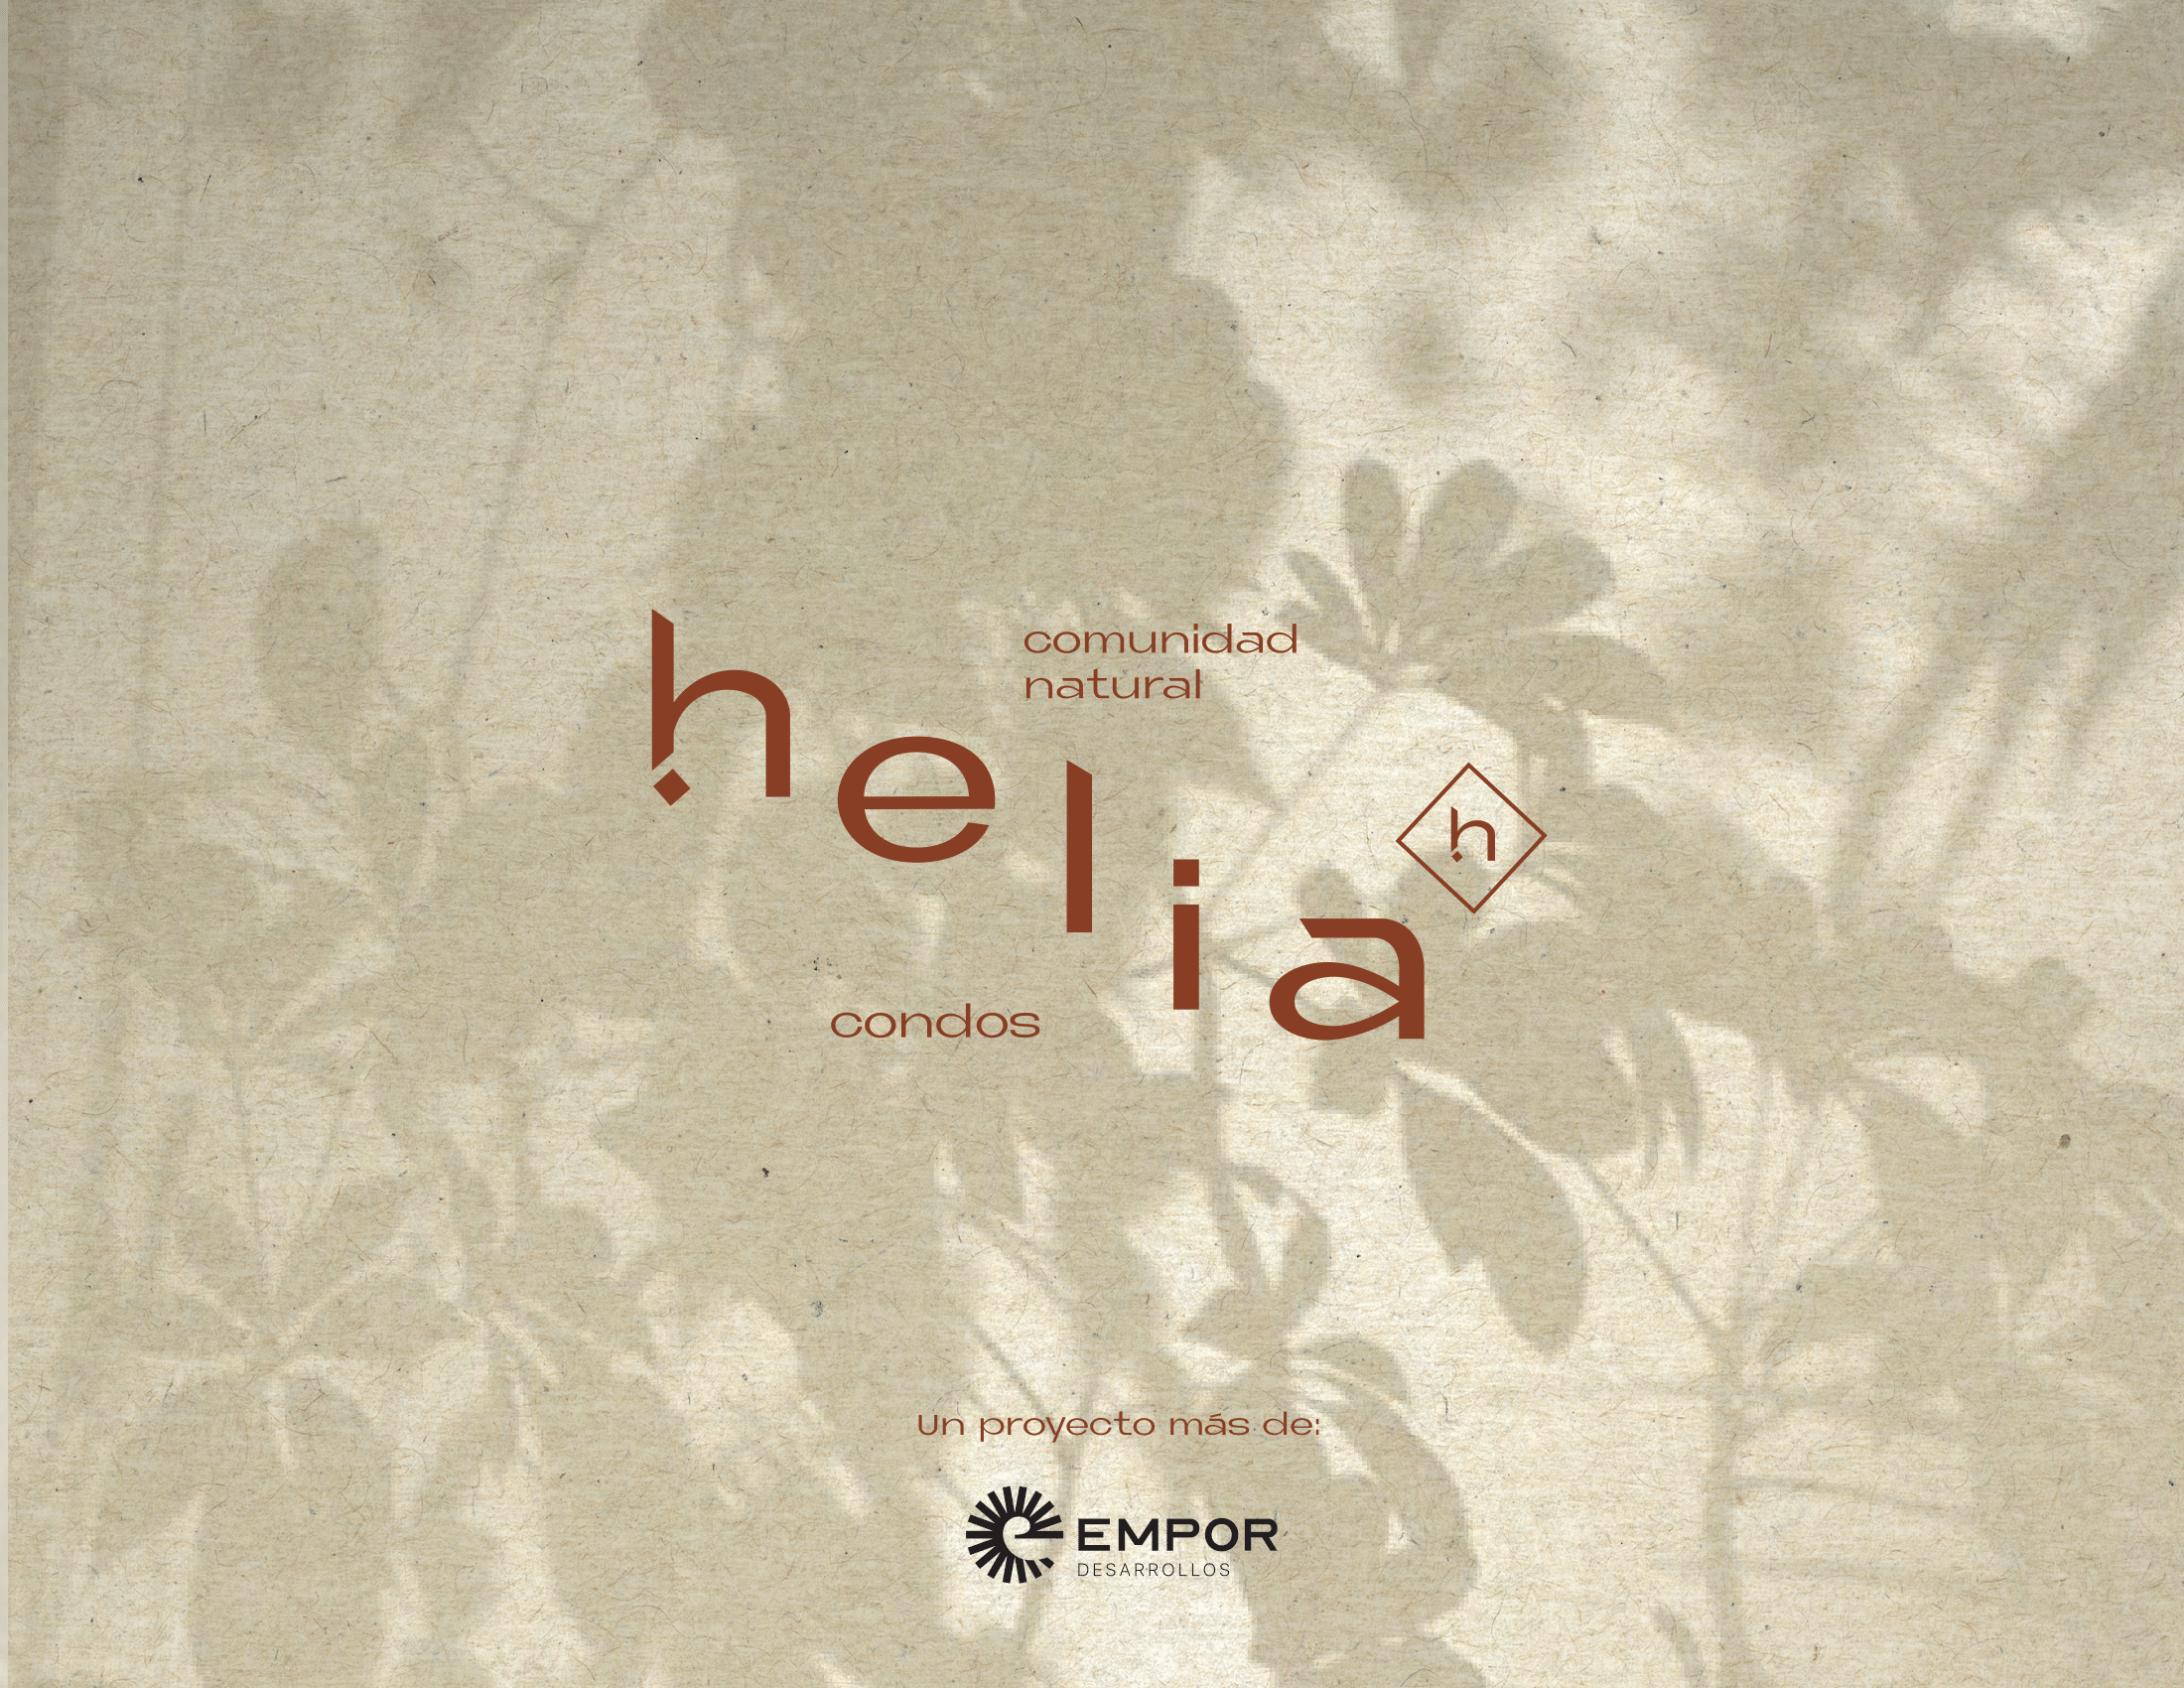 HELIA CONDOS